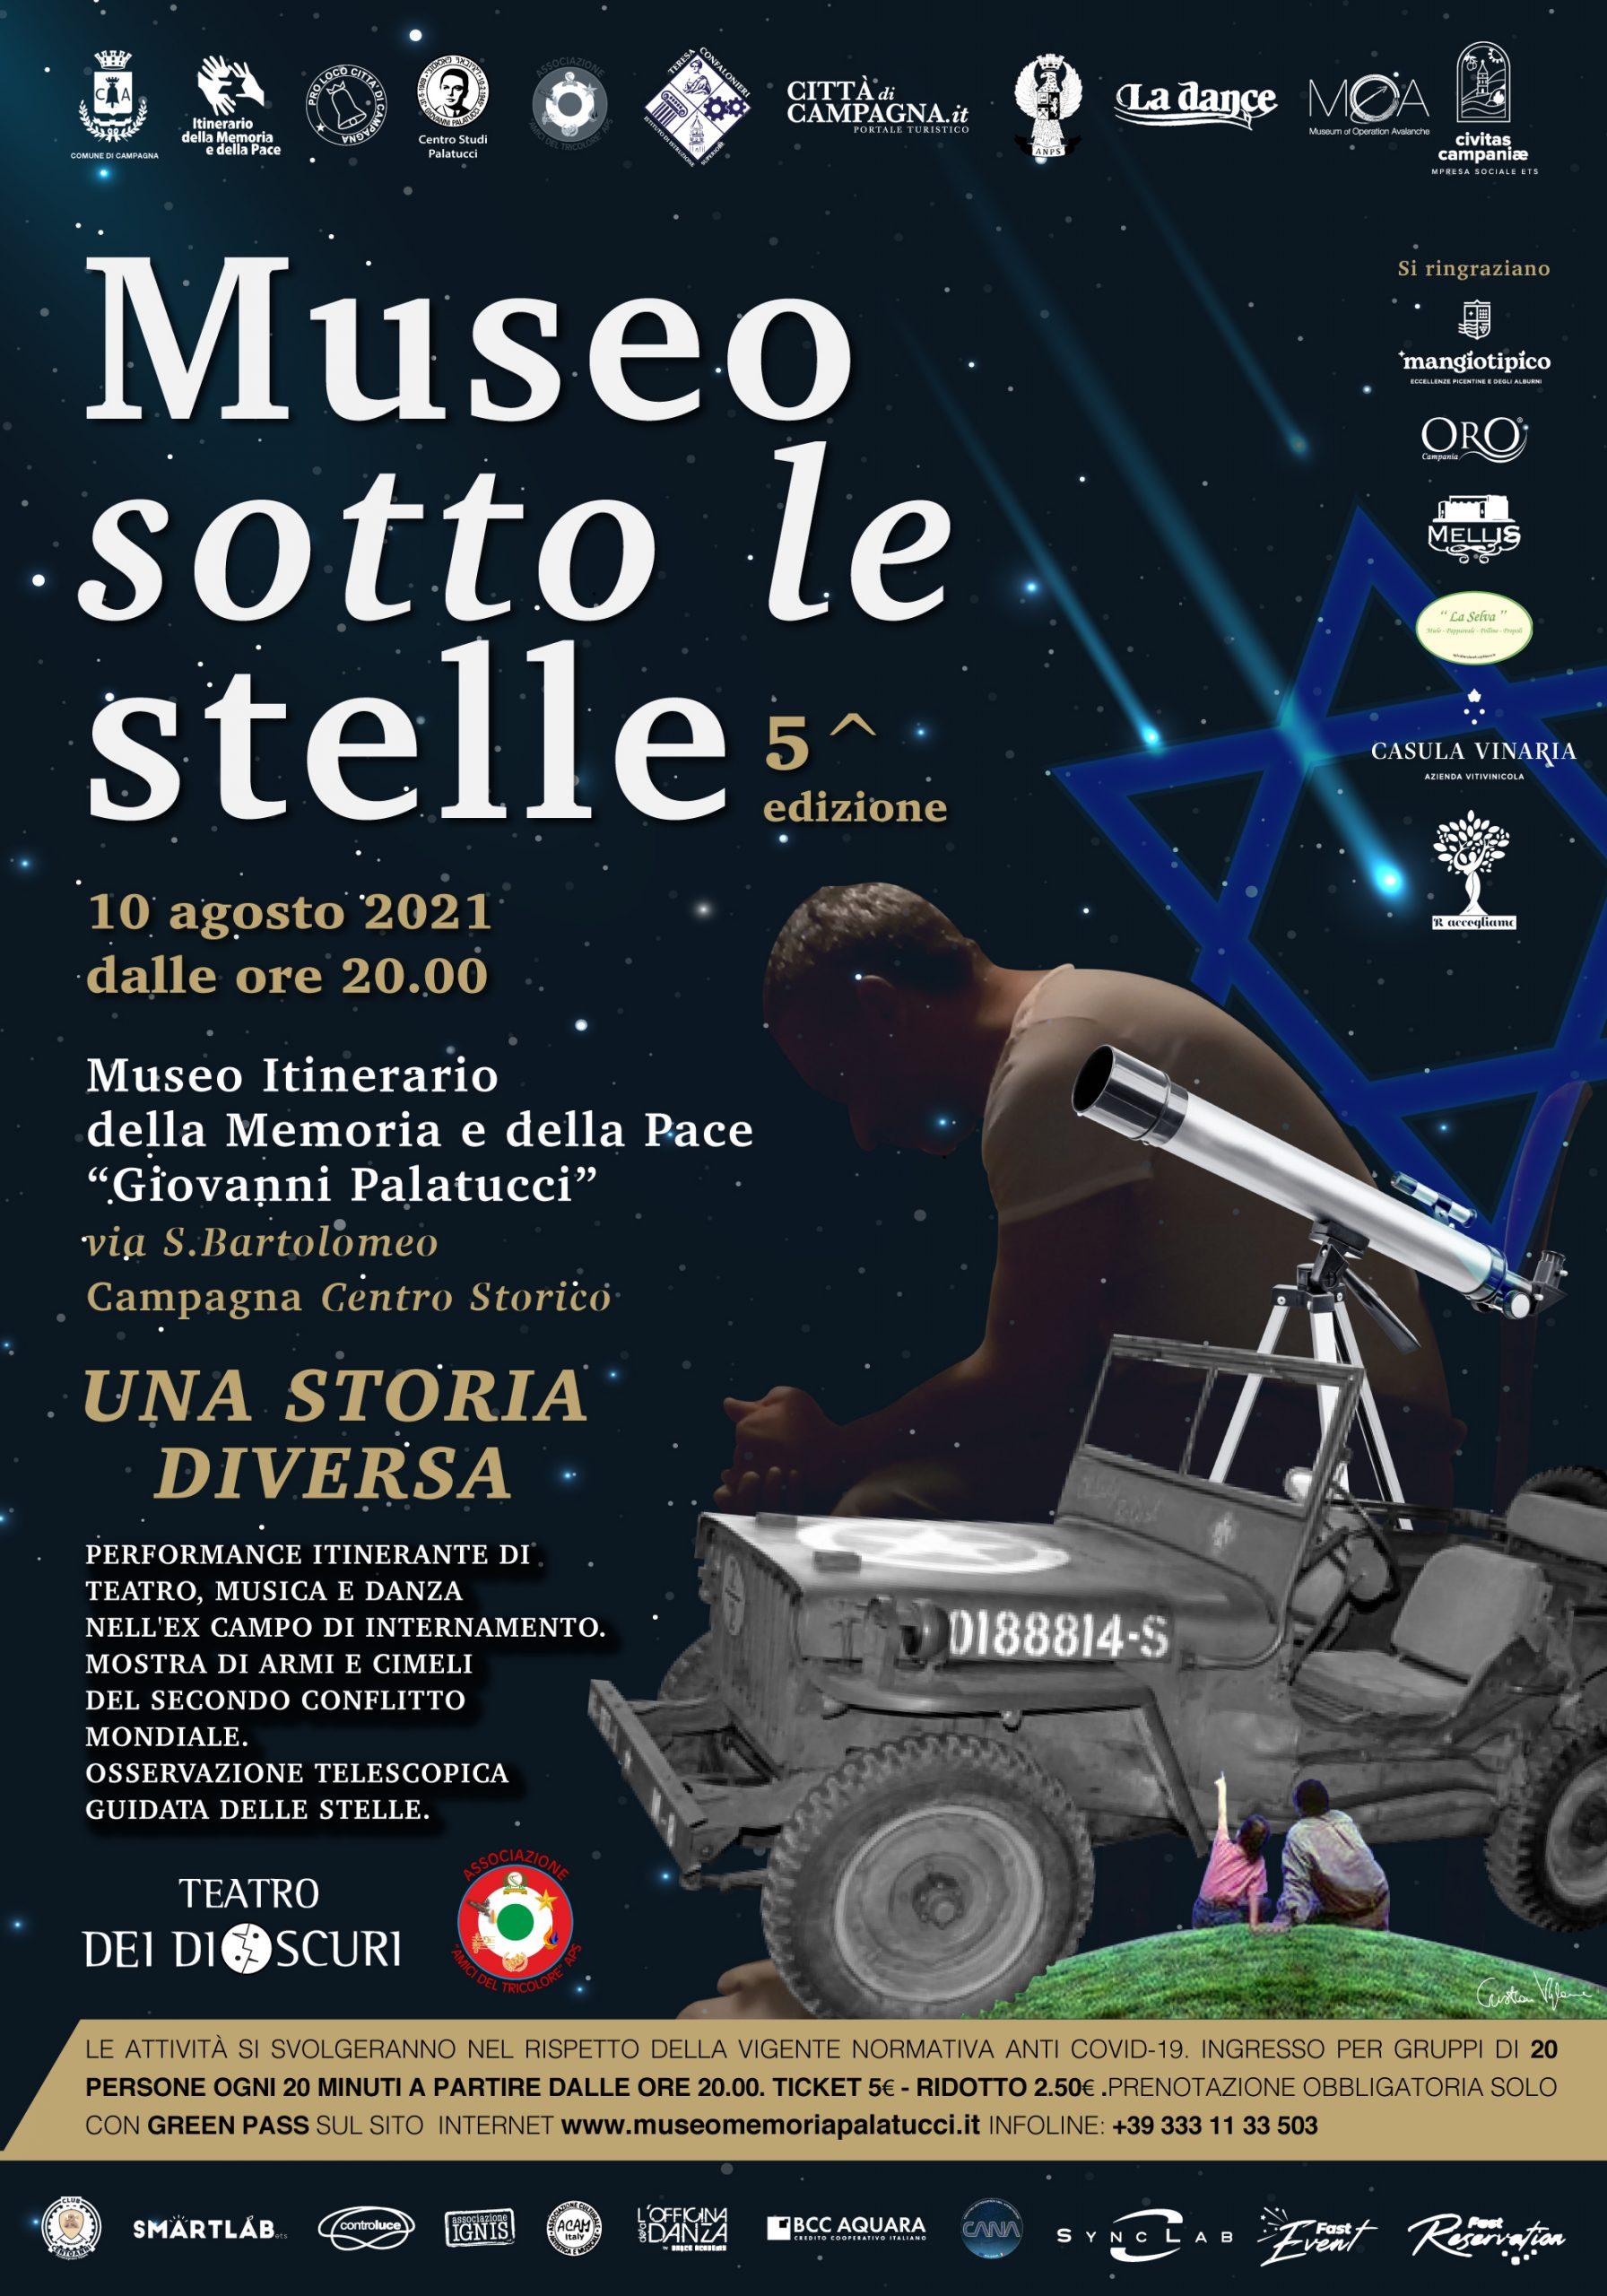 Museo sotto le stelle - 2021 - PRENOTA ORA